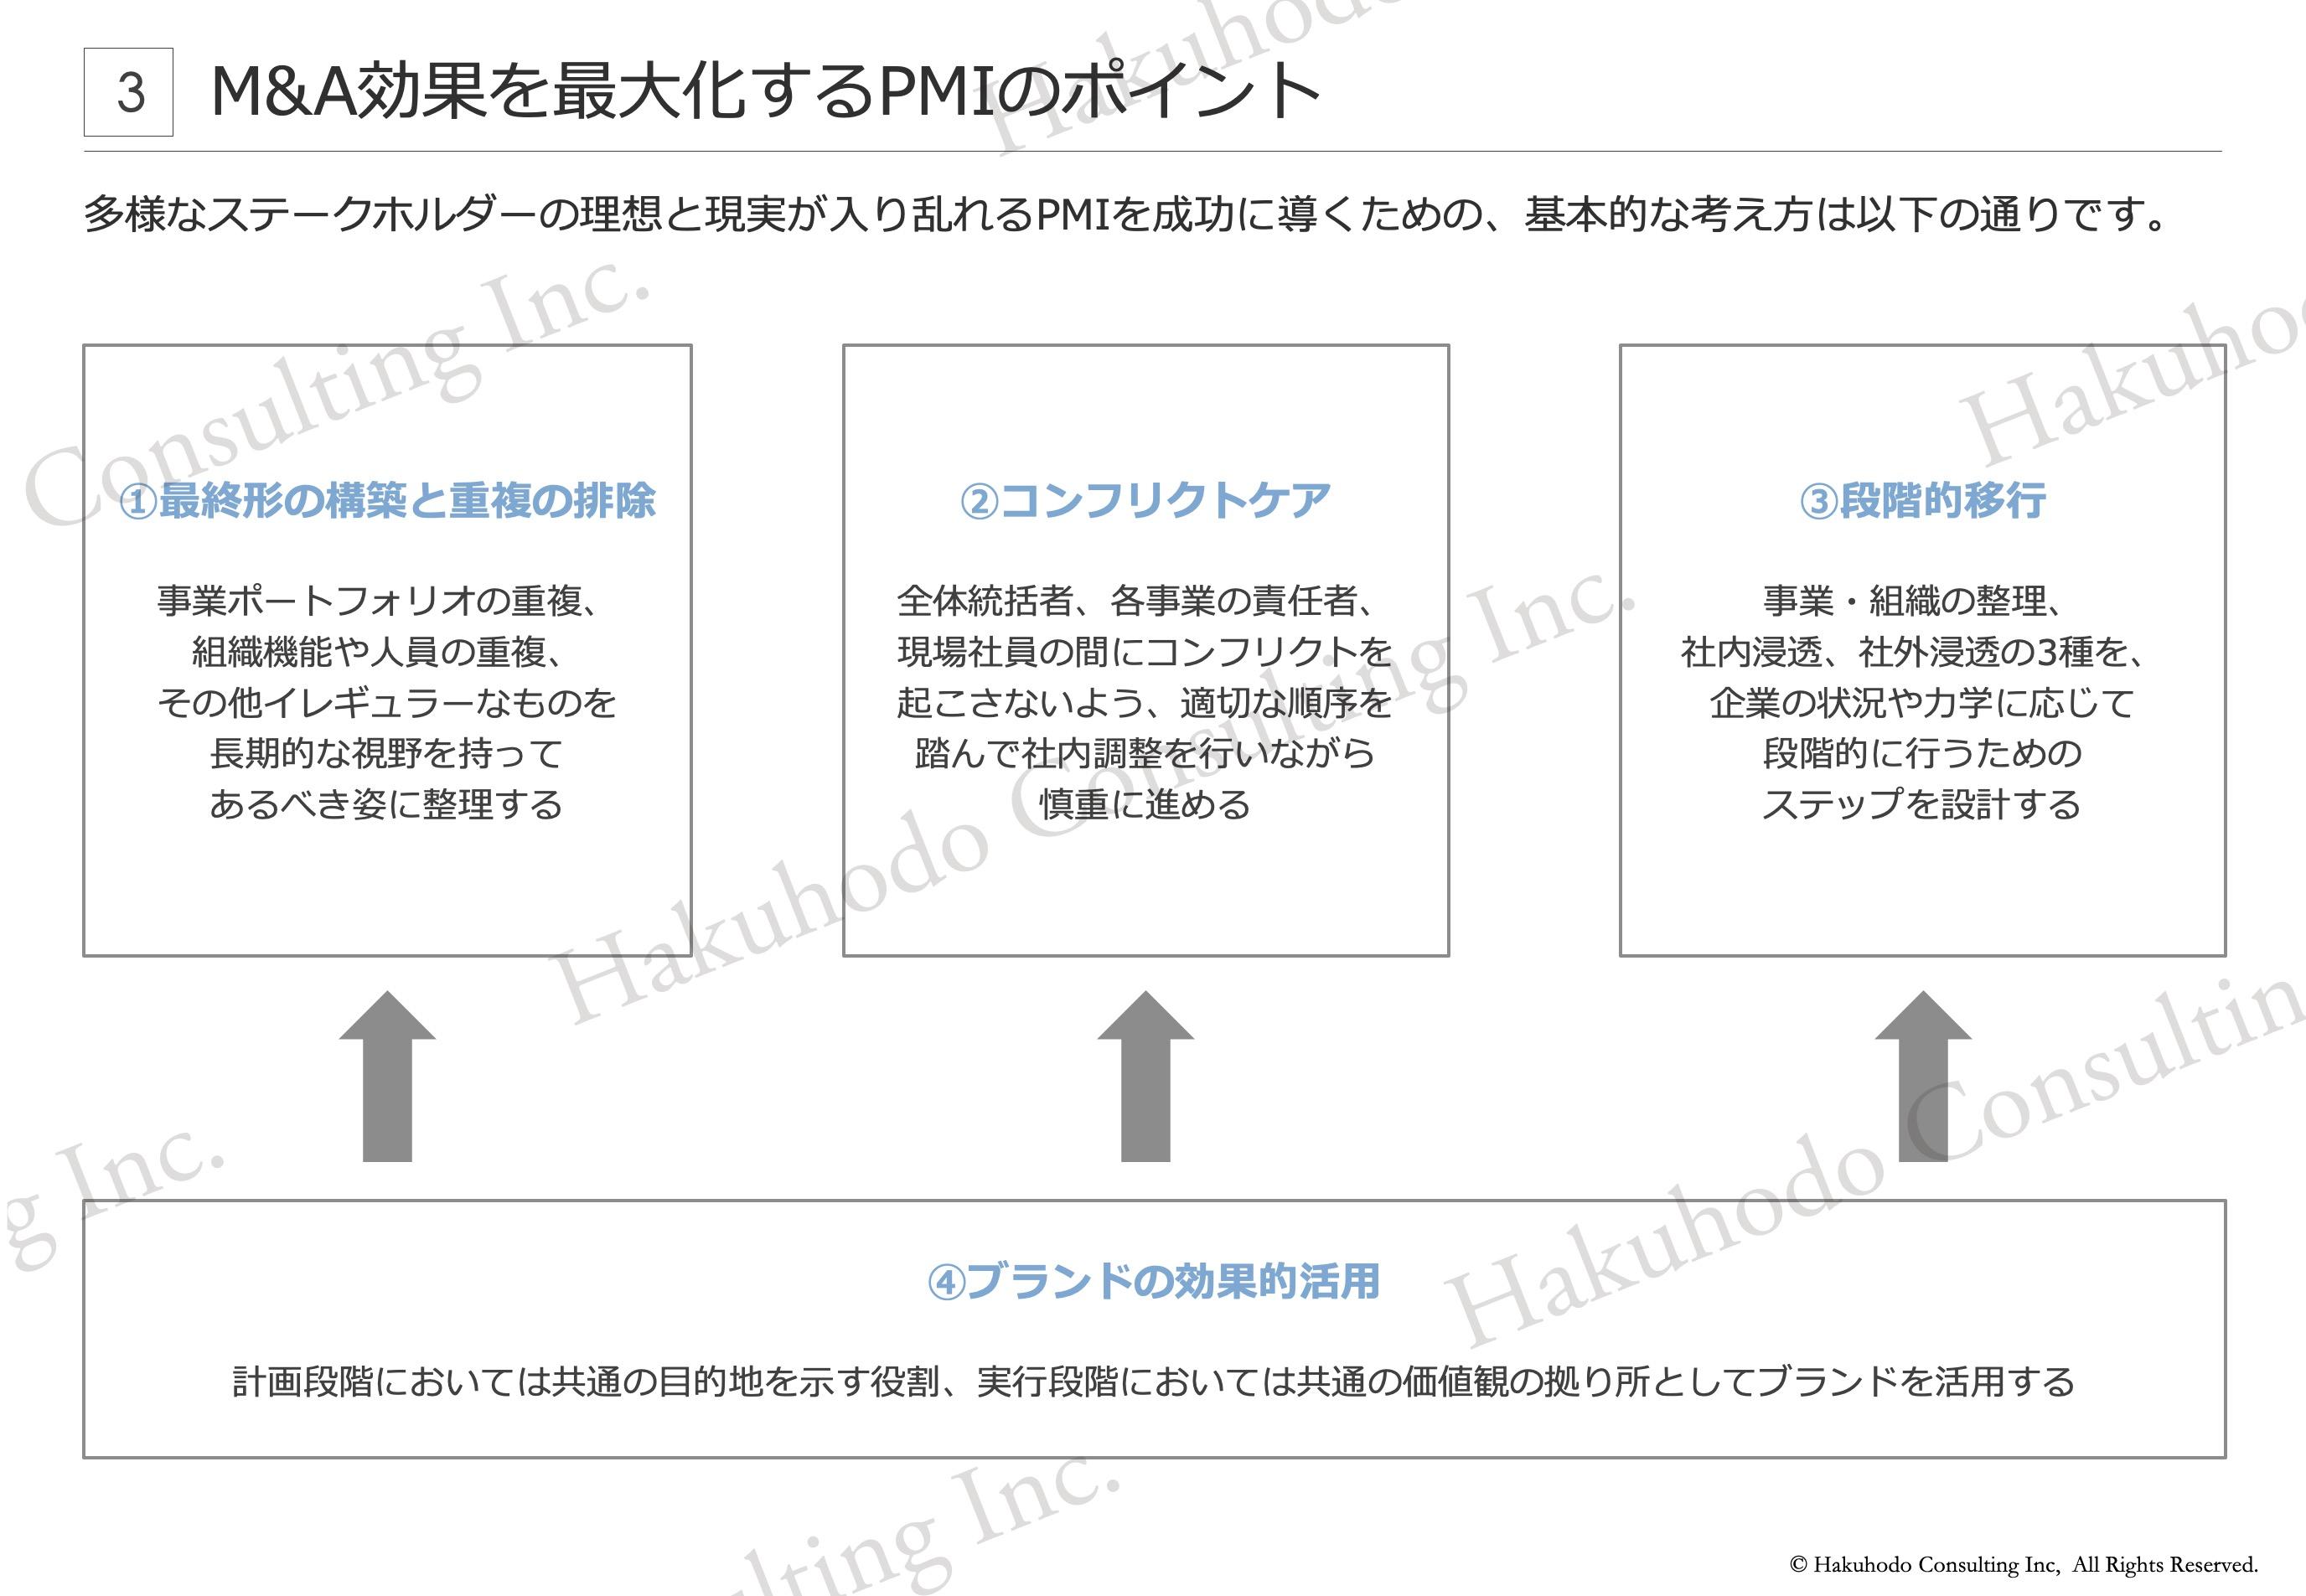 M&A効果を最大化するPMIのポイント 多様なステークホルダーの理想と現実が入り乱れるPMIを成功に導くための、基本的な考え方は以下の通りです。